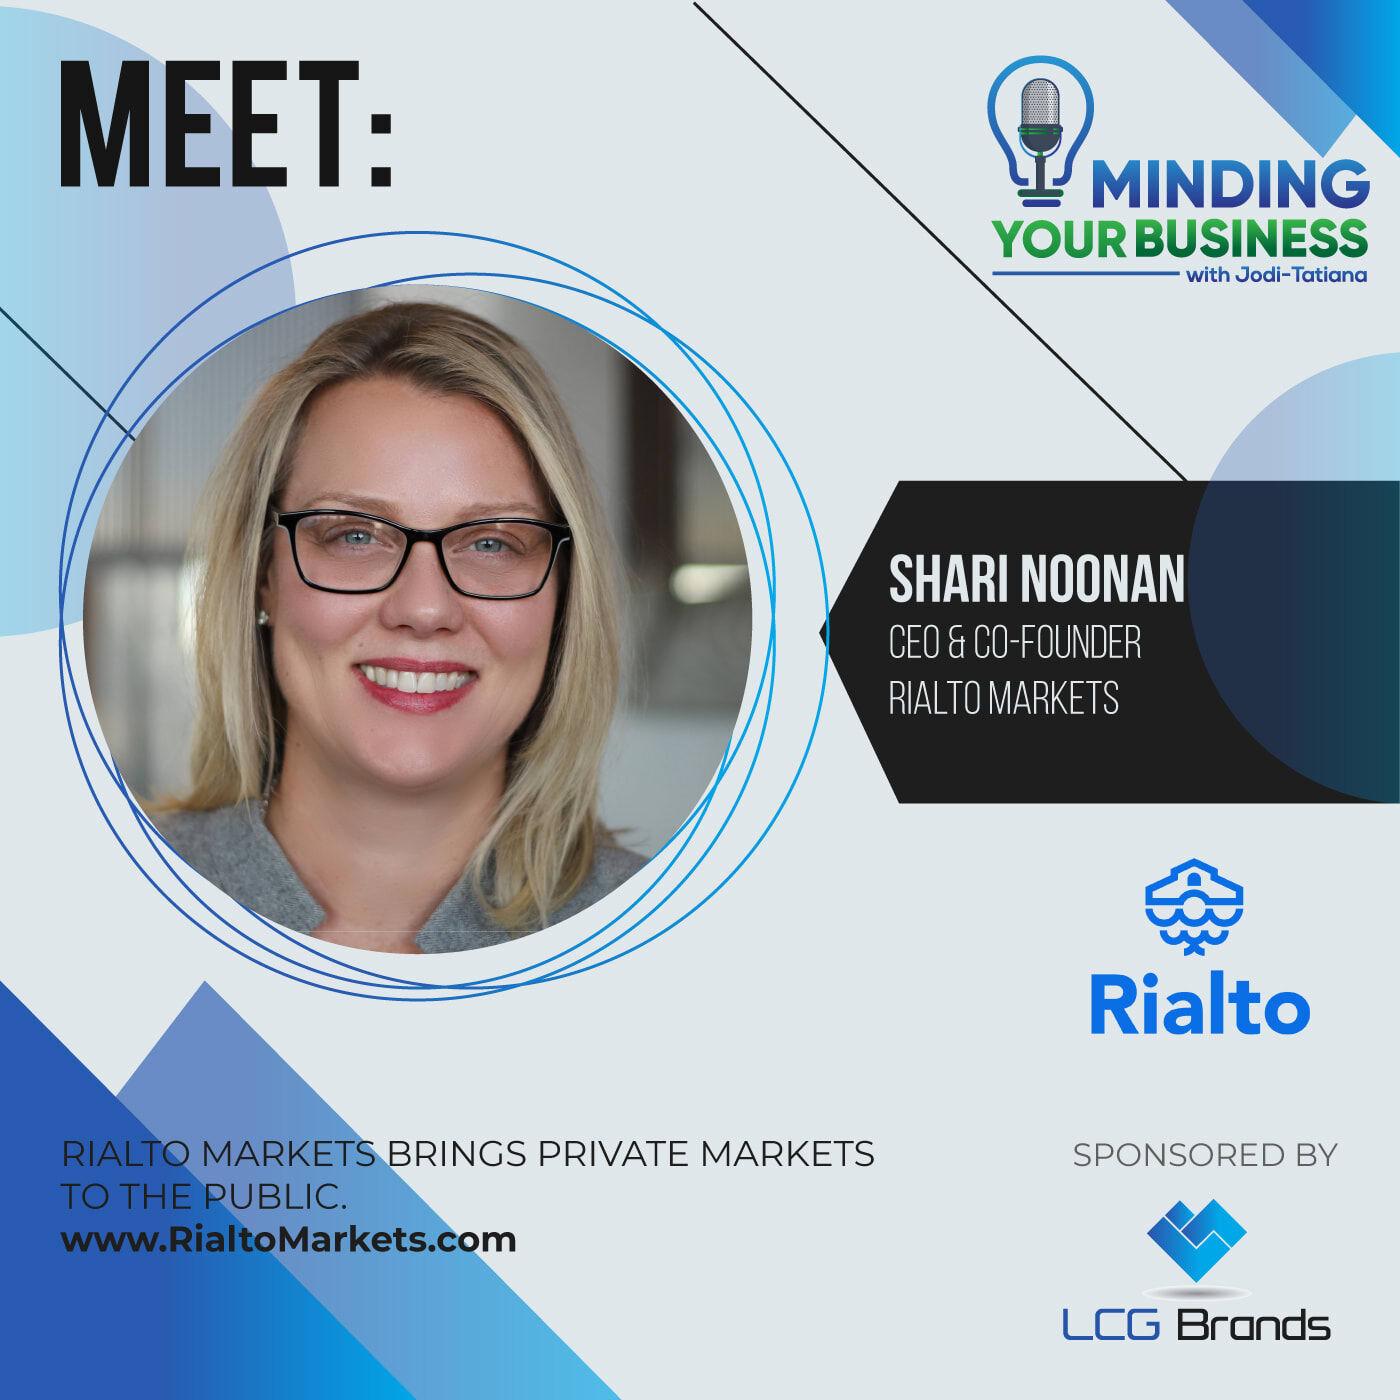 Episode 120: Meet Rialto Markets ceo, Shari Noonan (NY-USA)